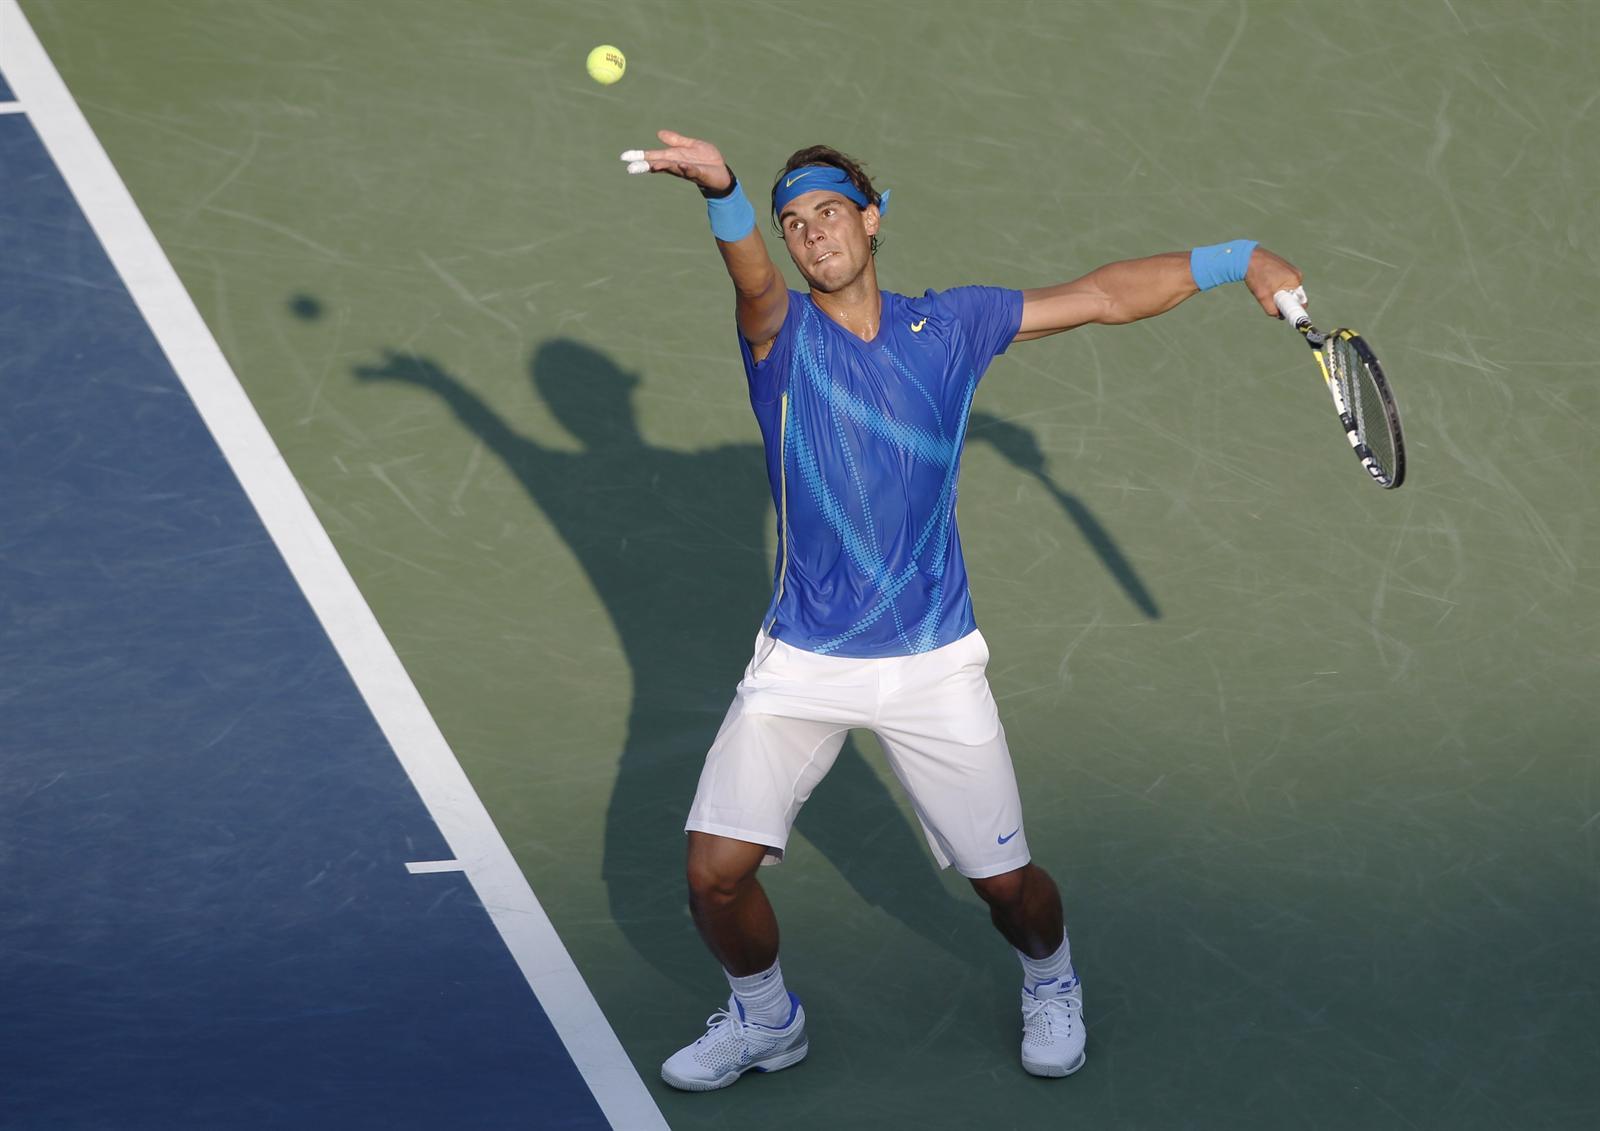 Reglas del Saque en el Tenis